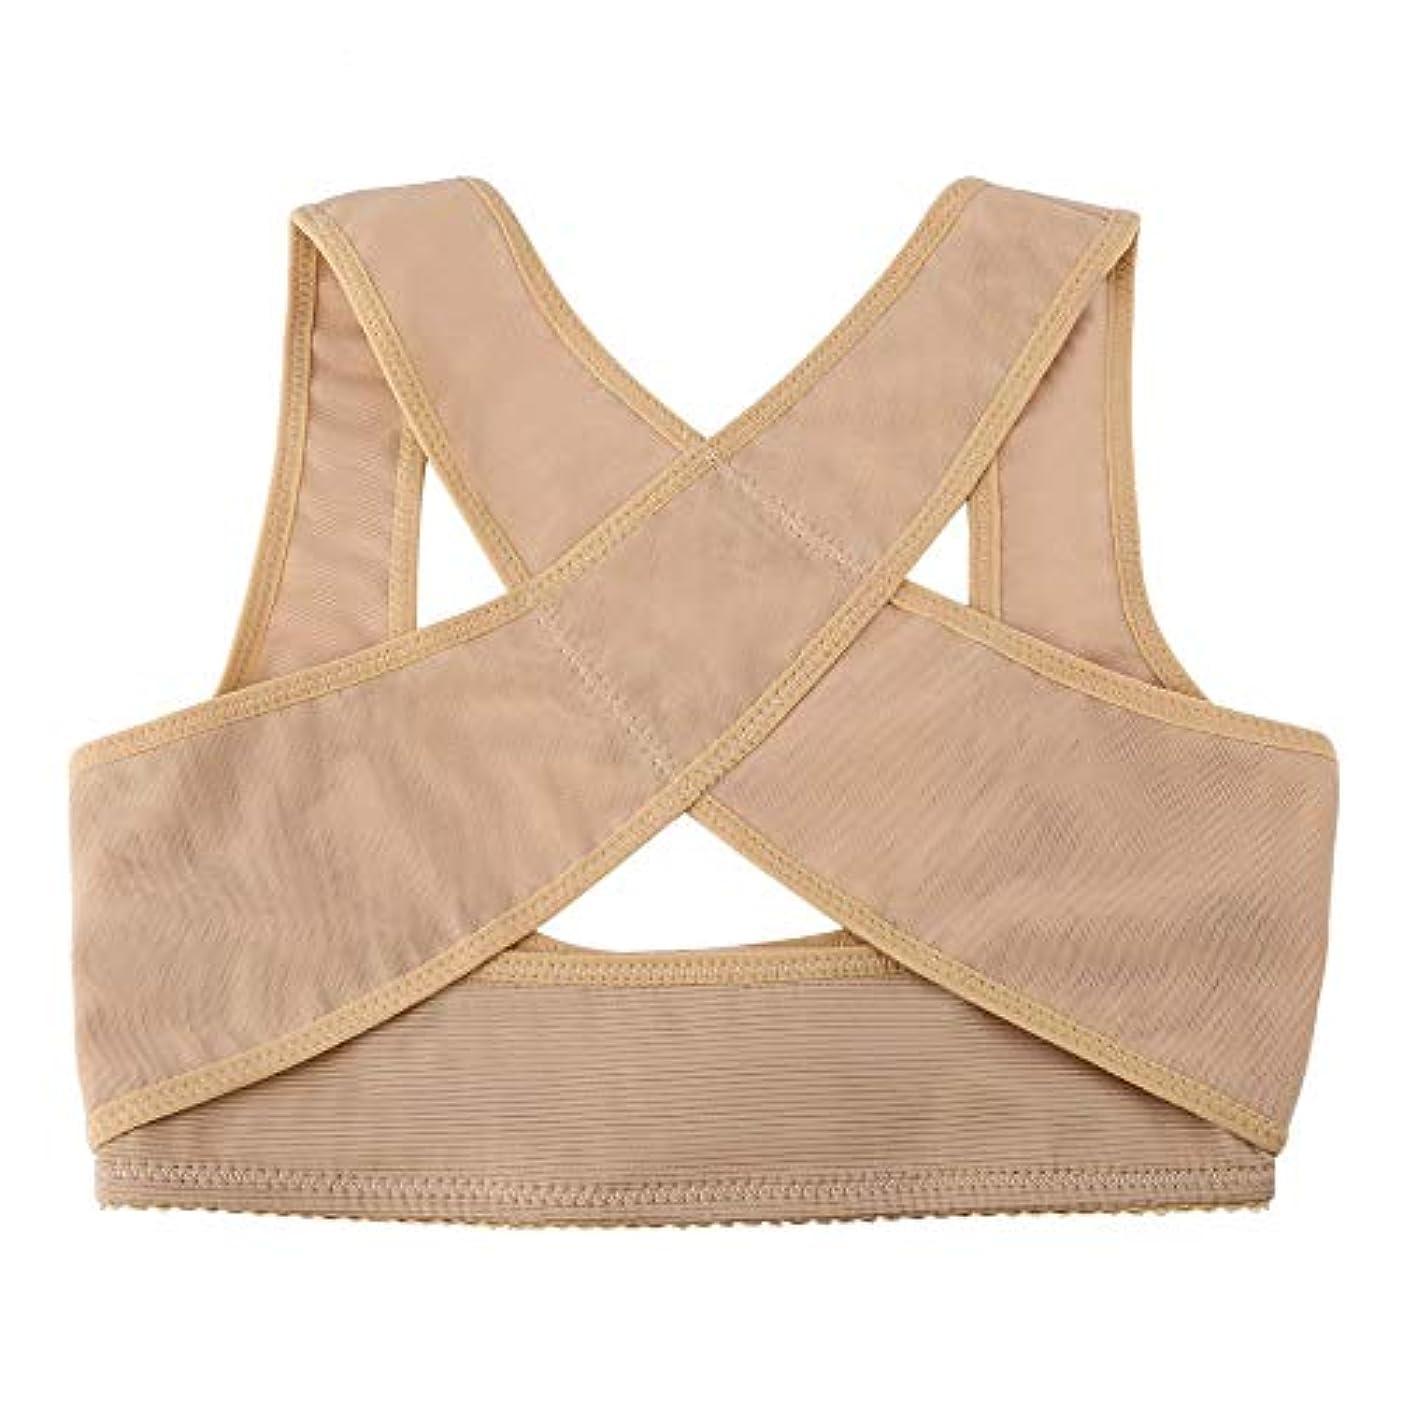 劣るパシフィックソーシャル調節可能な伸縮性がある背部女性ベルトサポート姿勢補正装置支柱サポート姿勢肩補正装置ヘルスケア